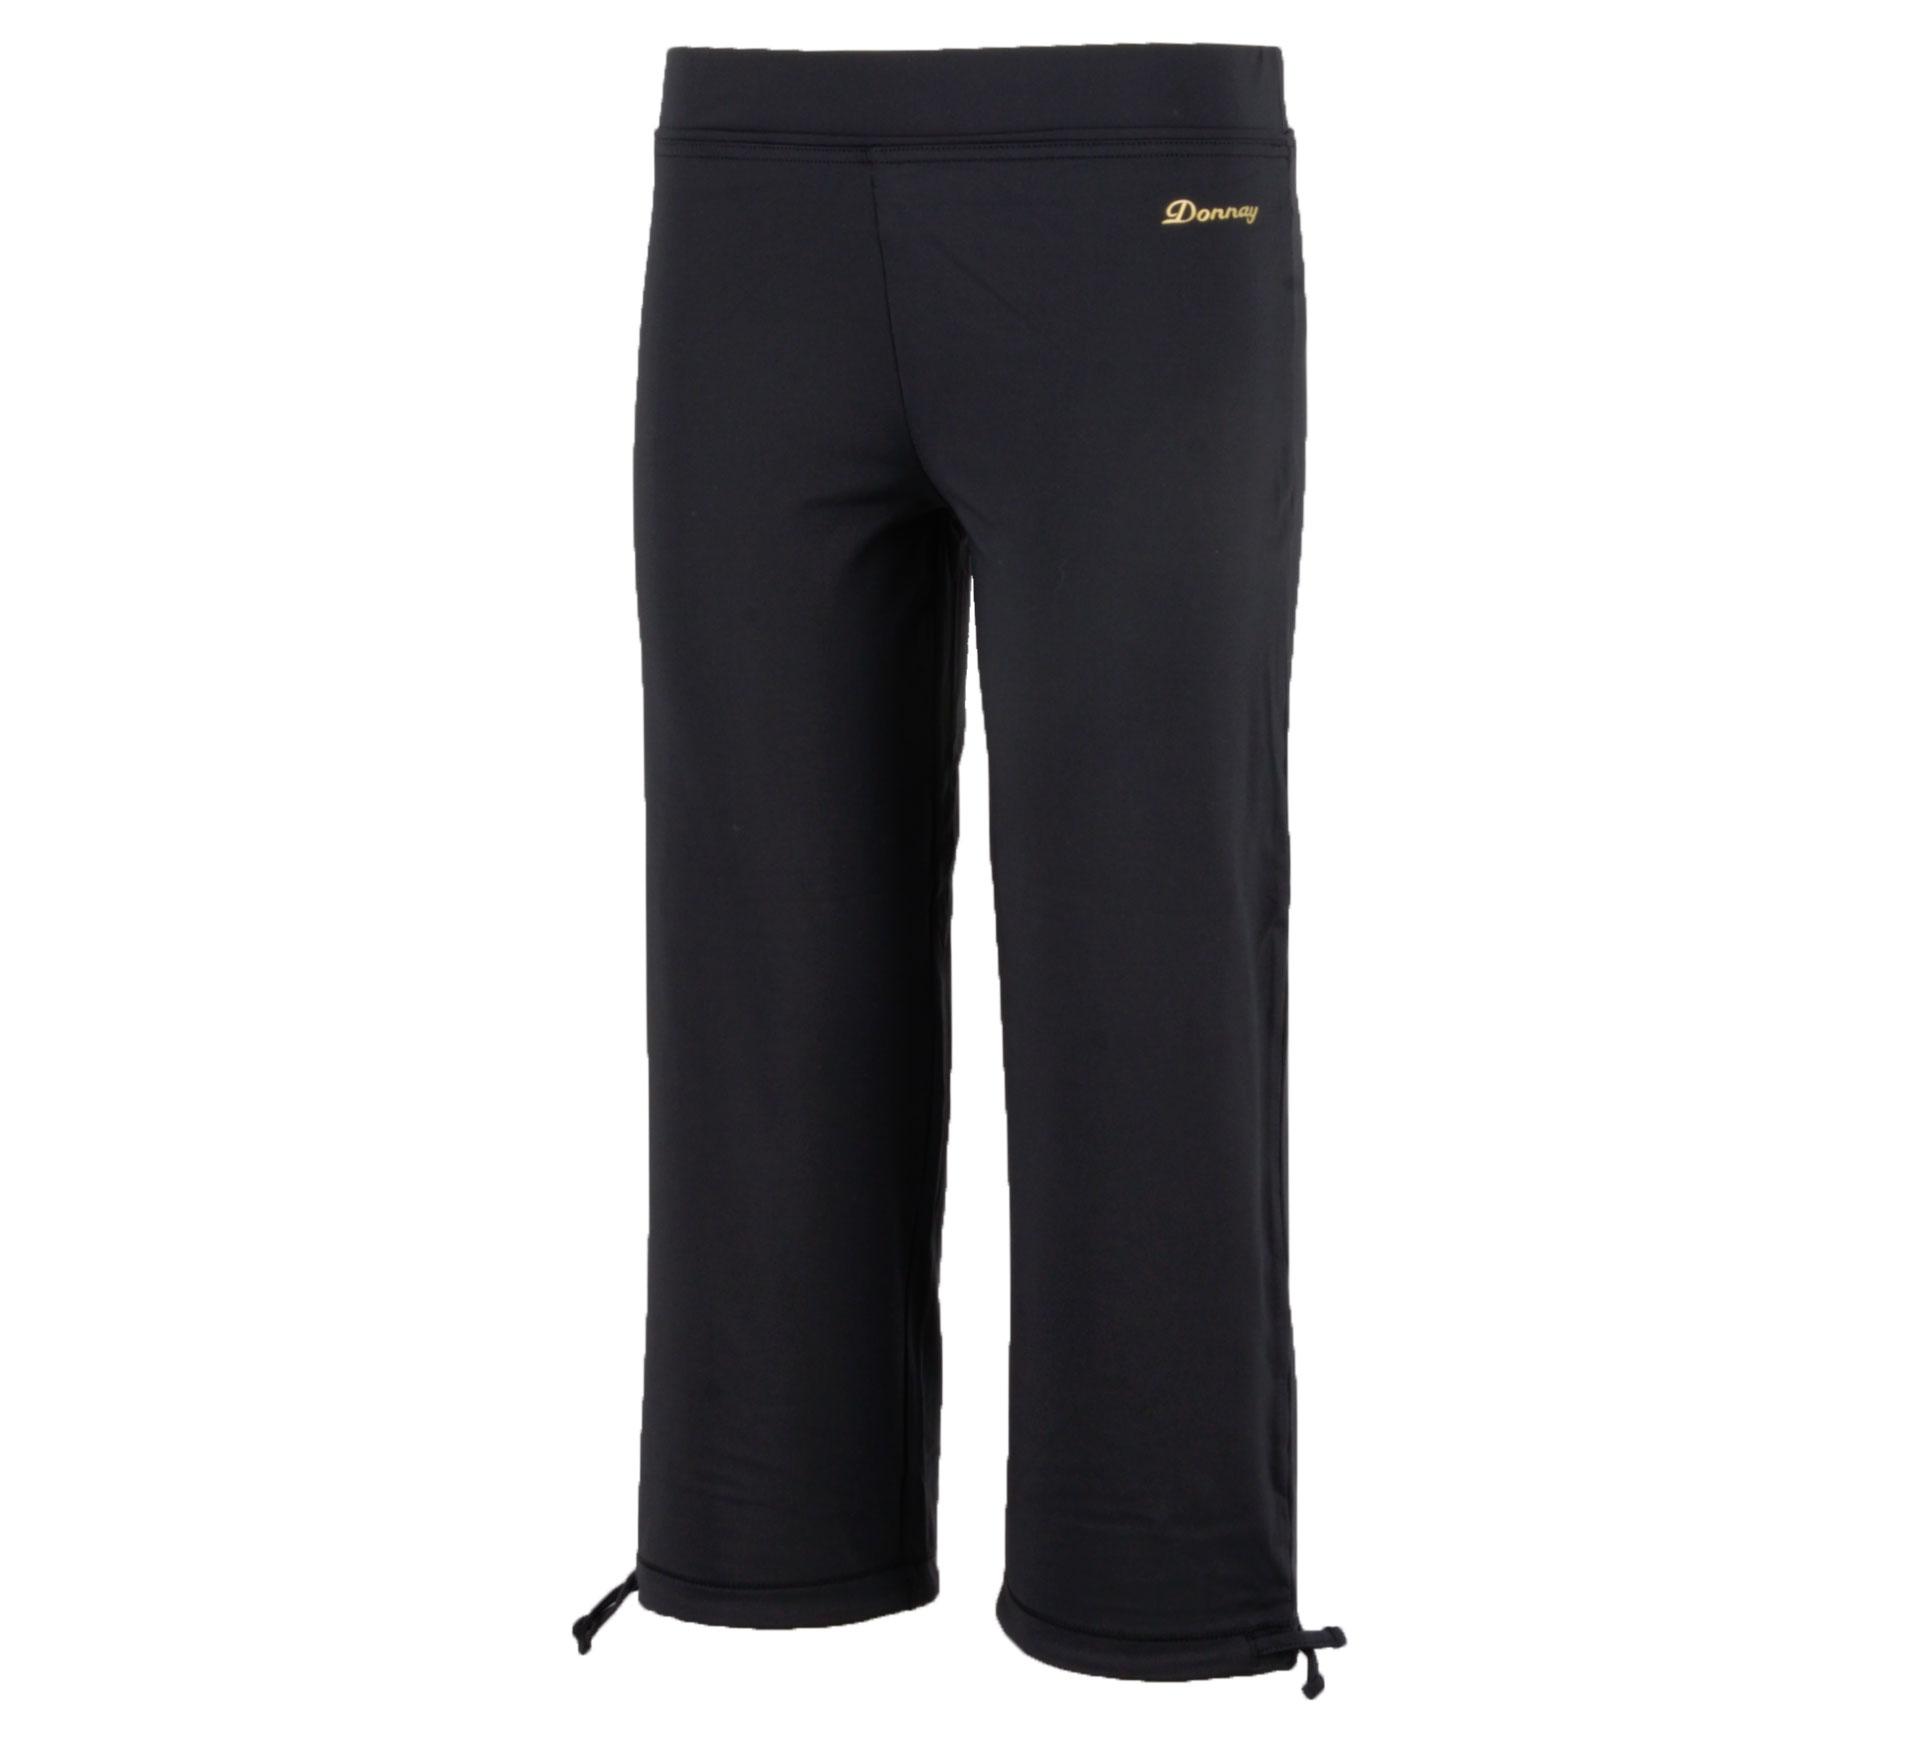 Donnay 3/4 Fitnessbroek Dames zwart